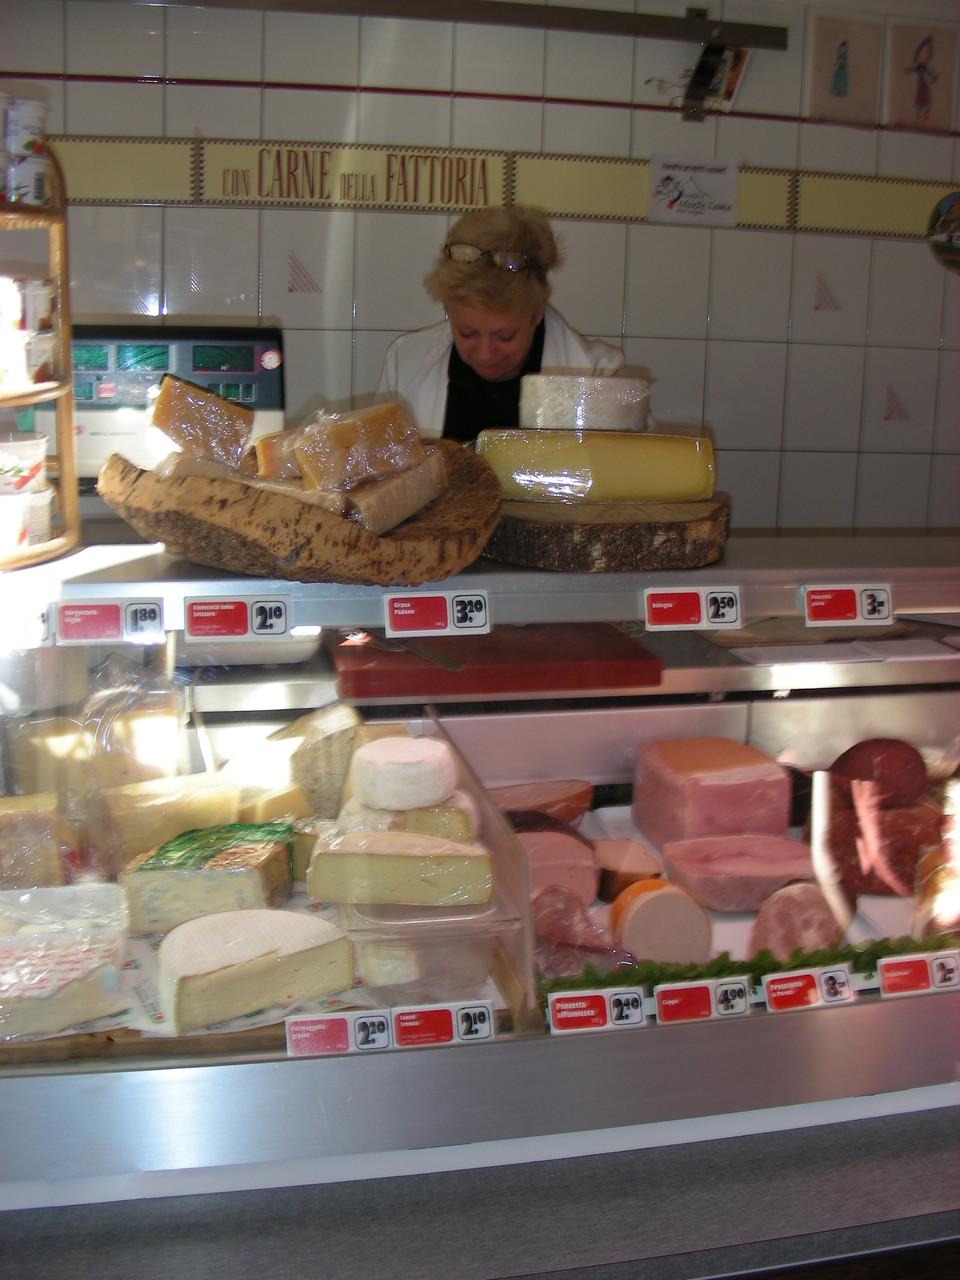 Auch offenen Käse gibt es hier